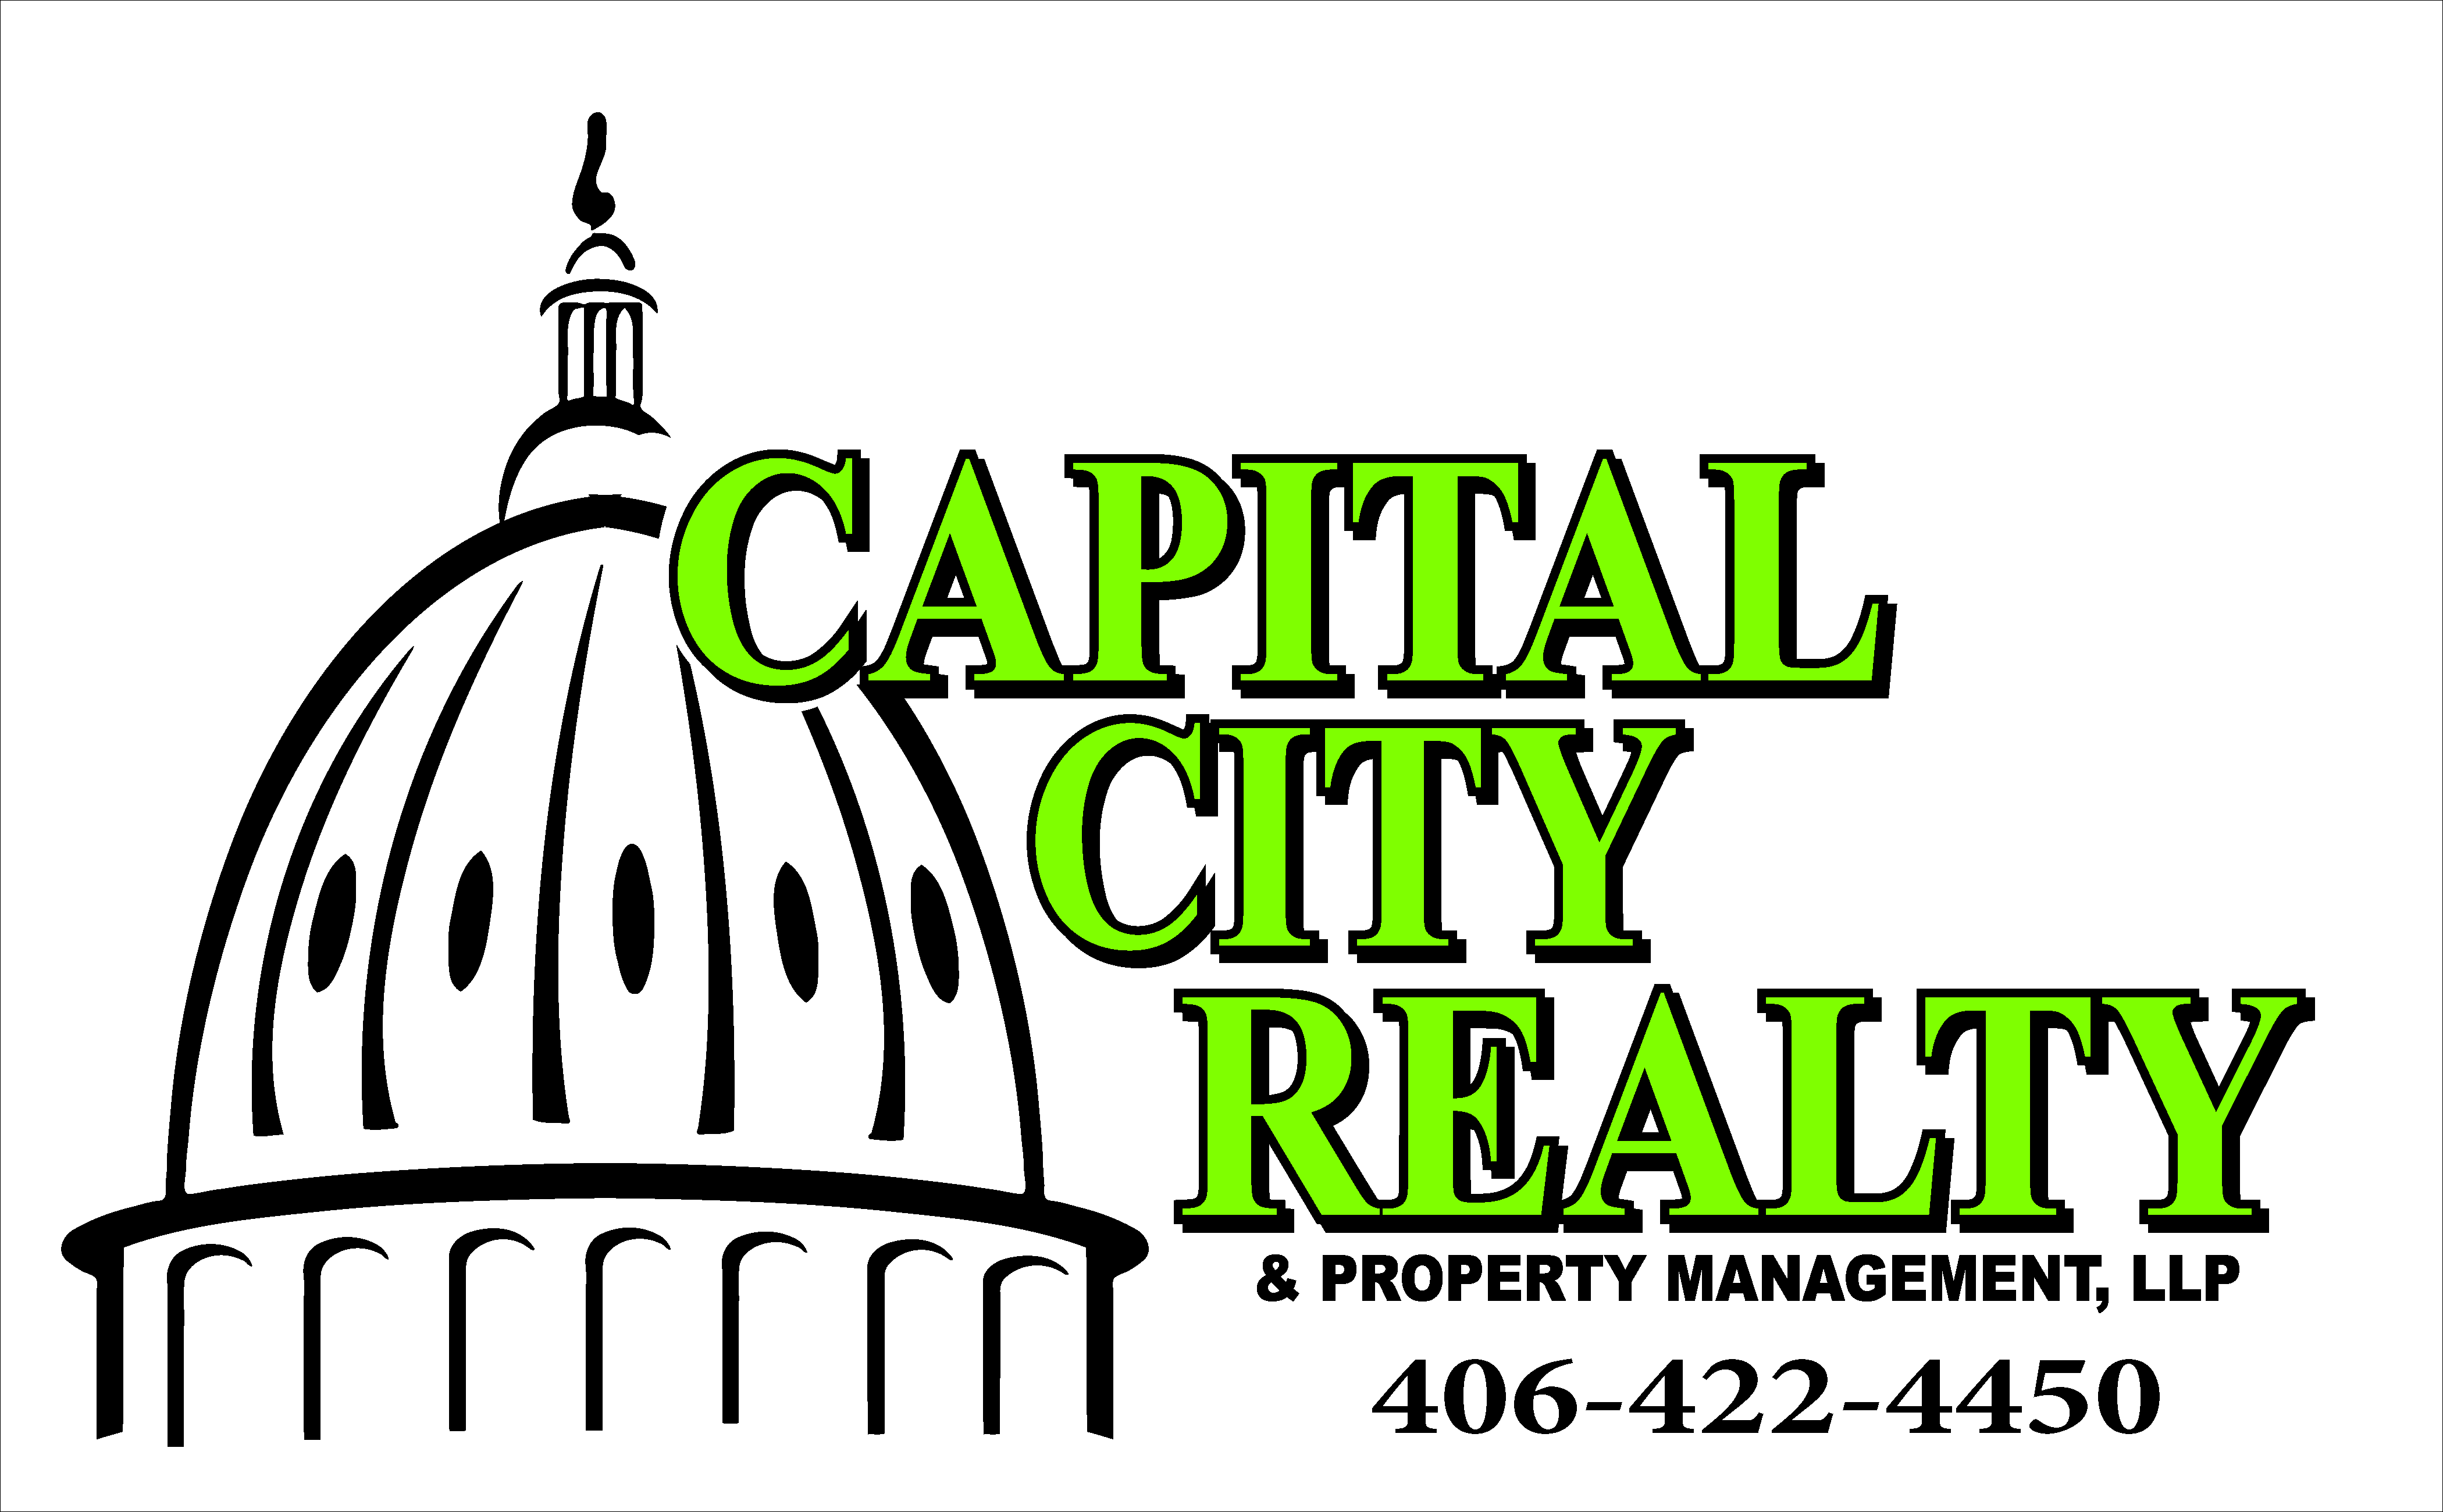 CAPITAL CITY REALTY